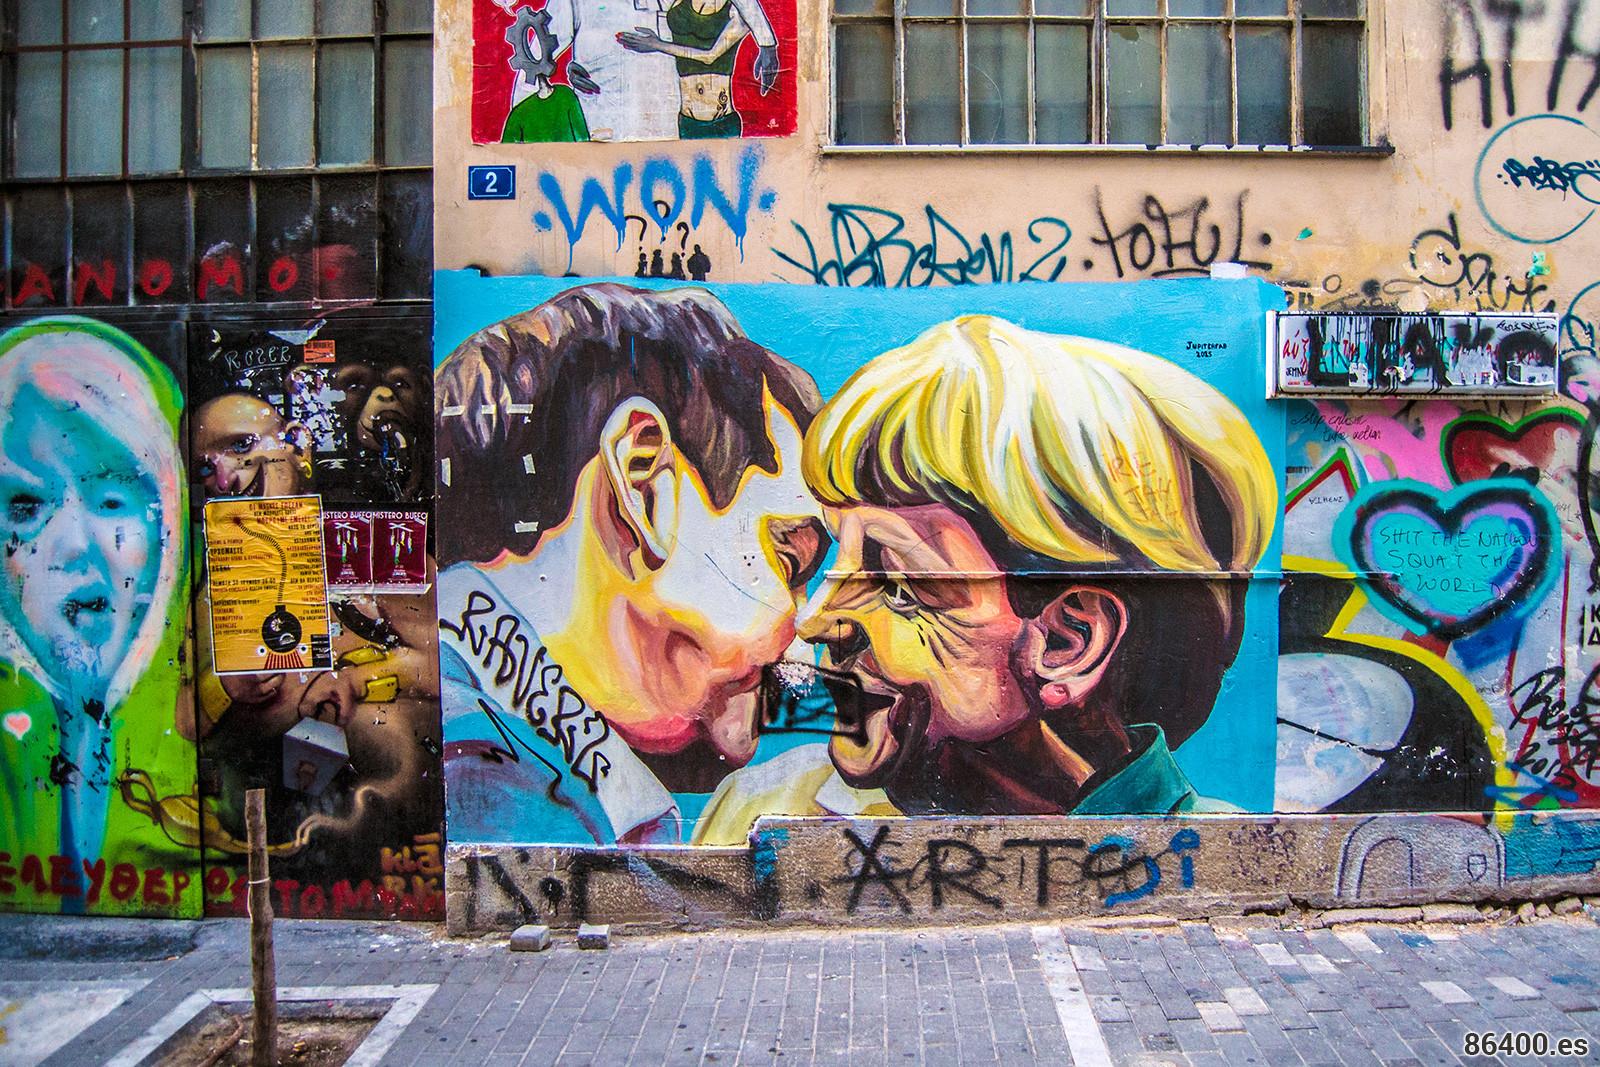 Graffiti beso Merkel con Tsipras - Atenas turismo